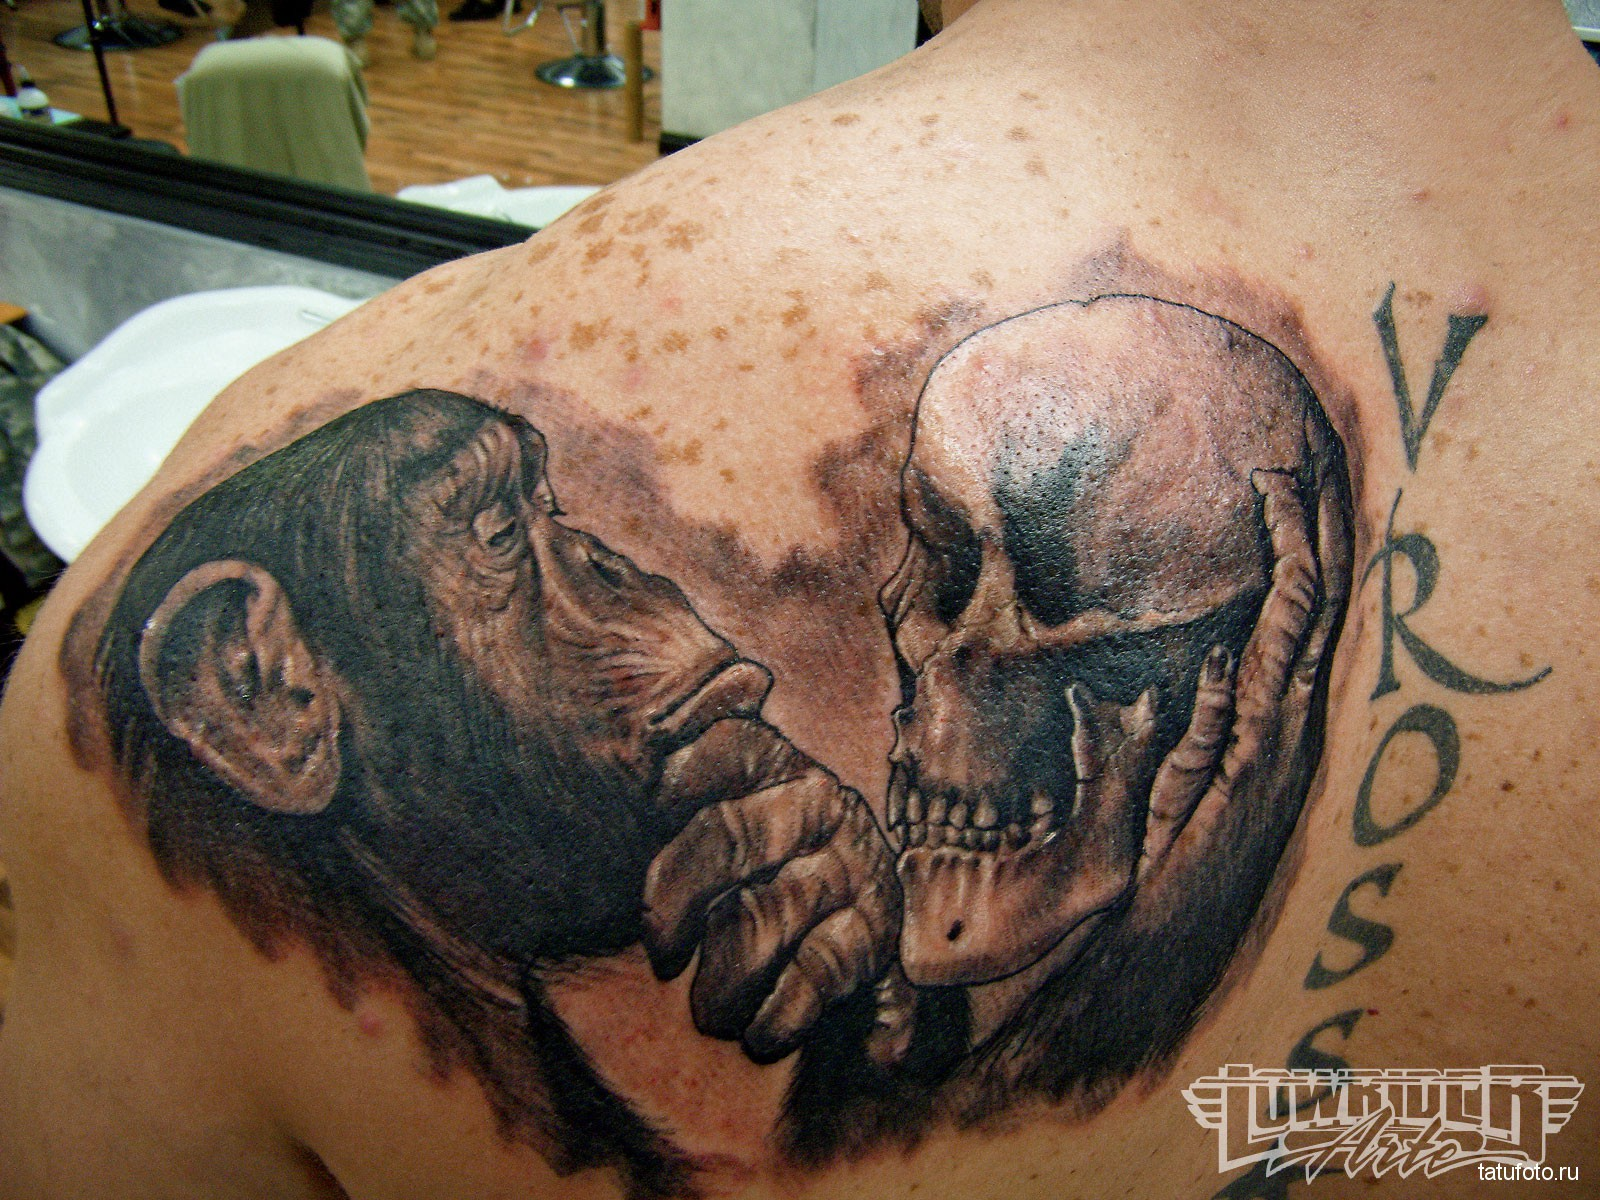 Тату обезьяна - которая смотрит на человеческий череп